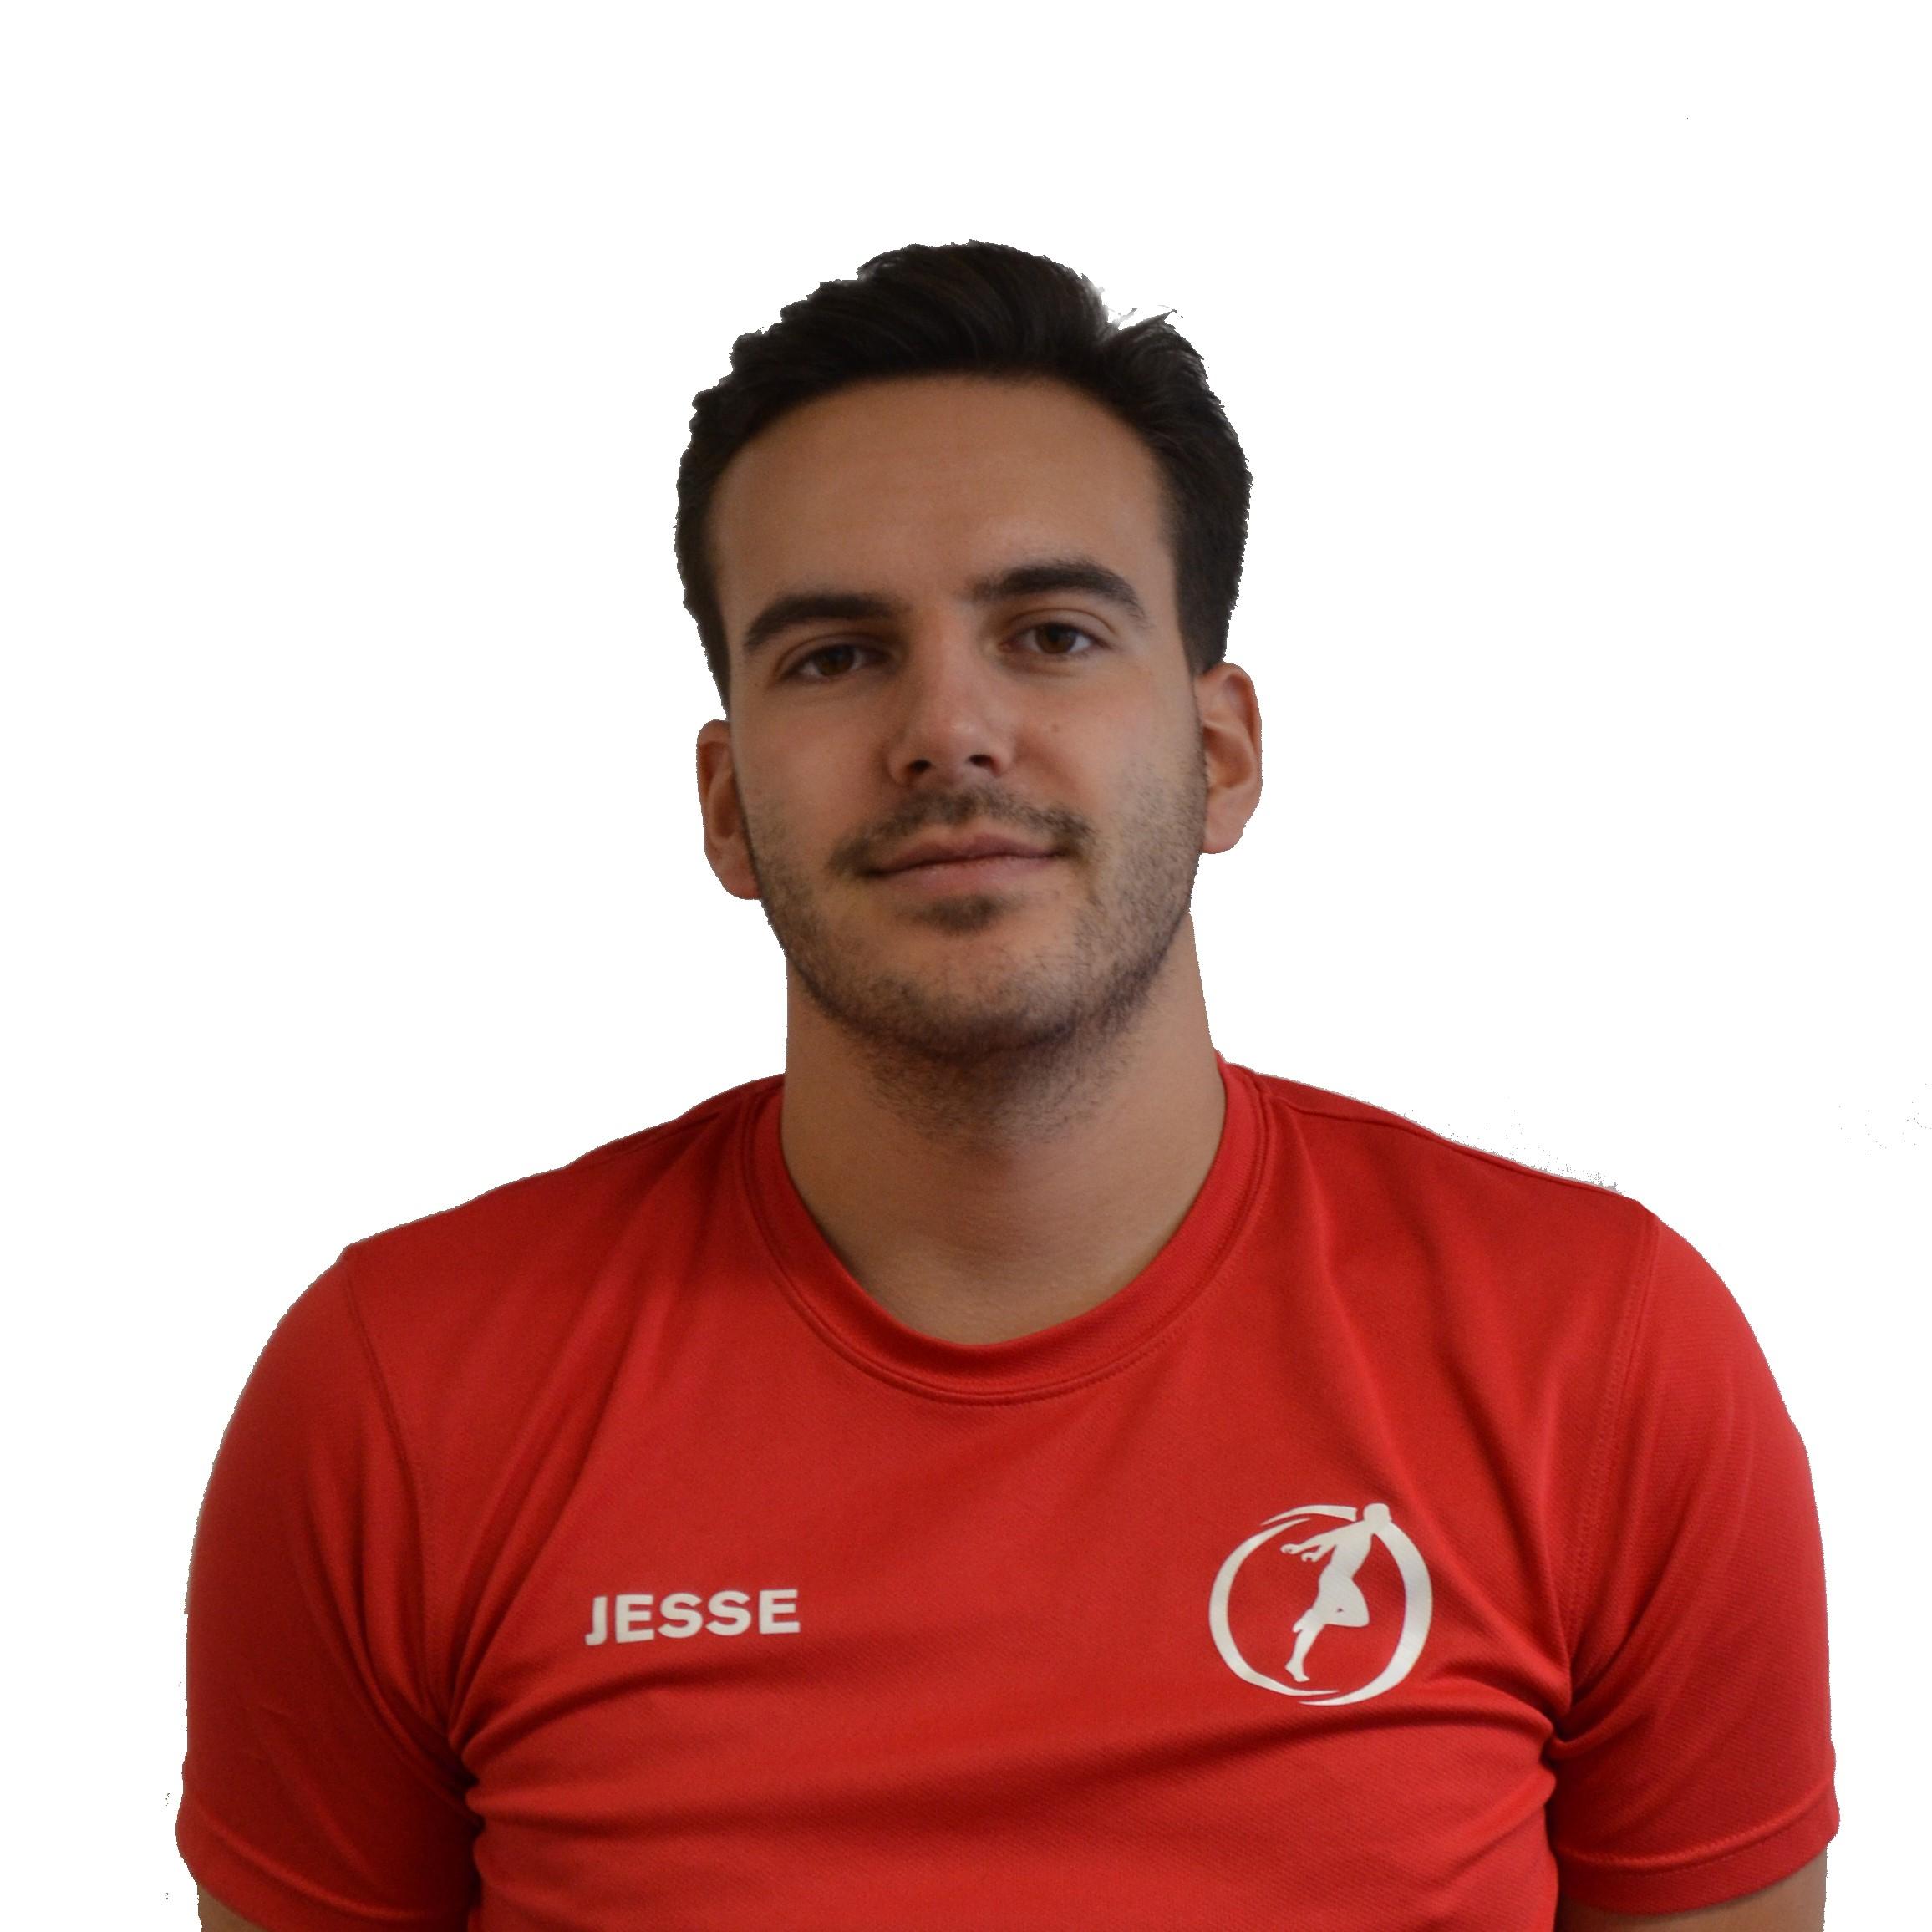 Jesse Kobes